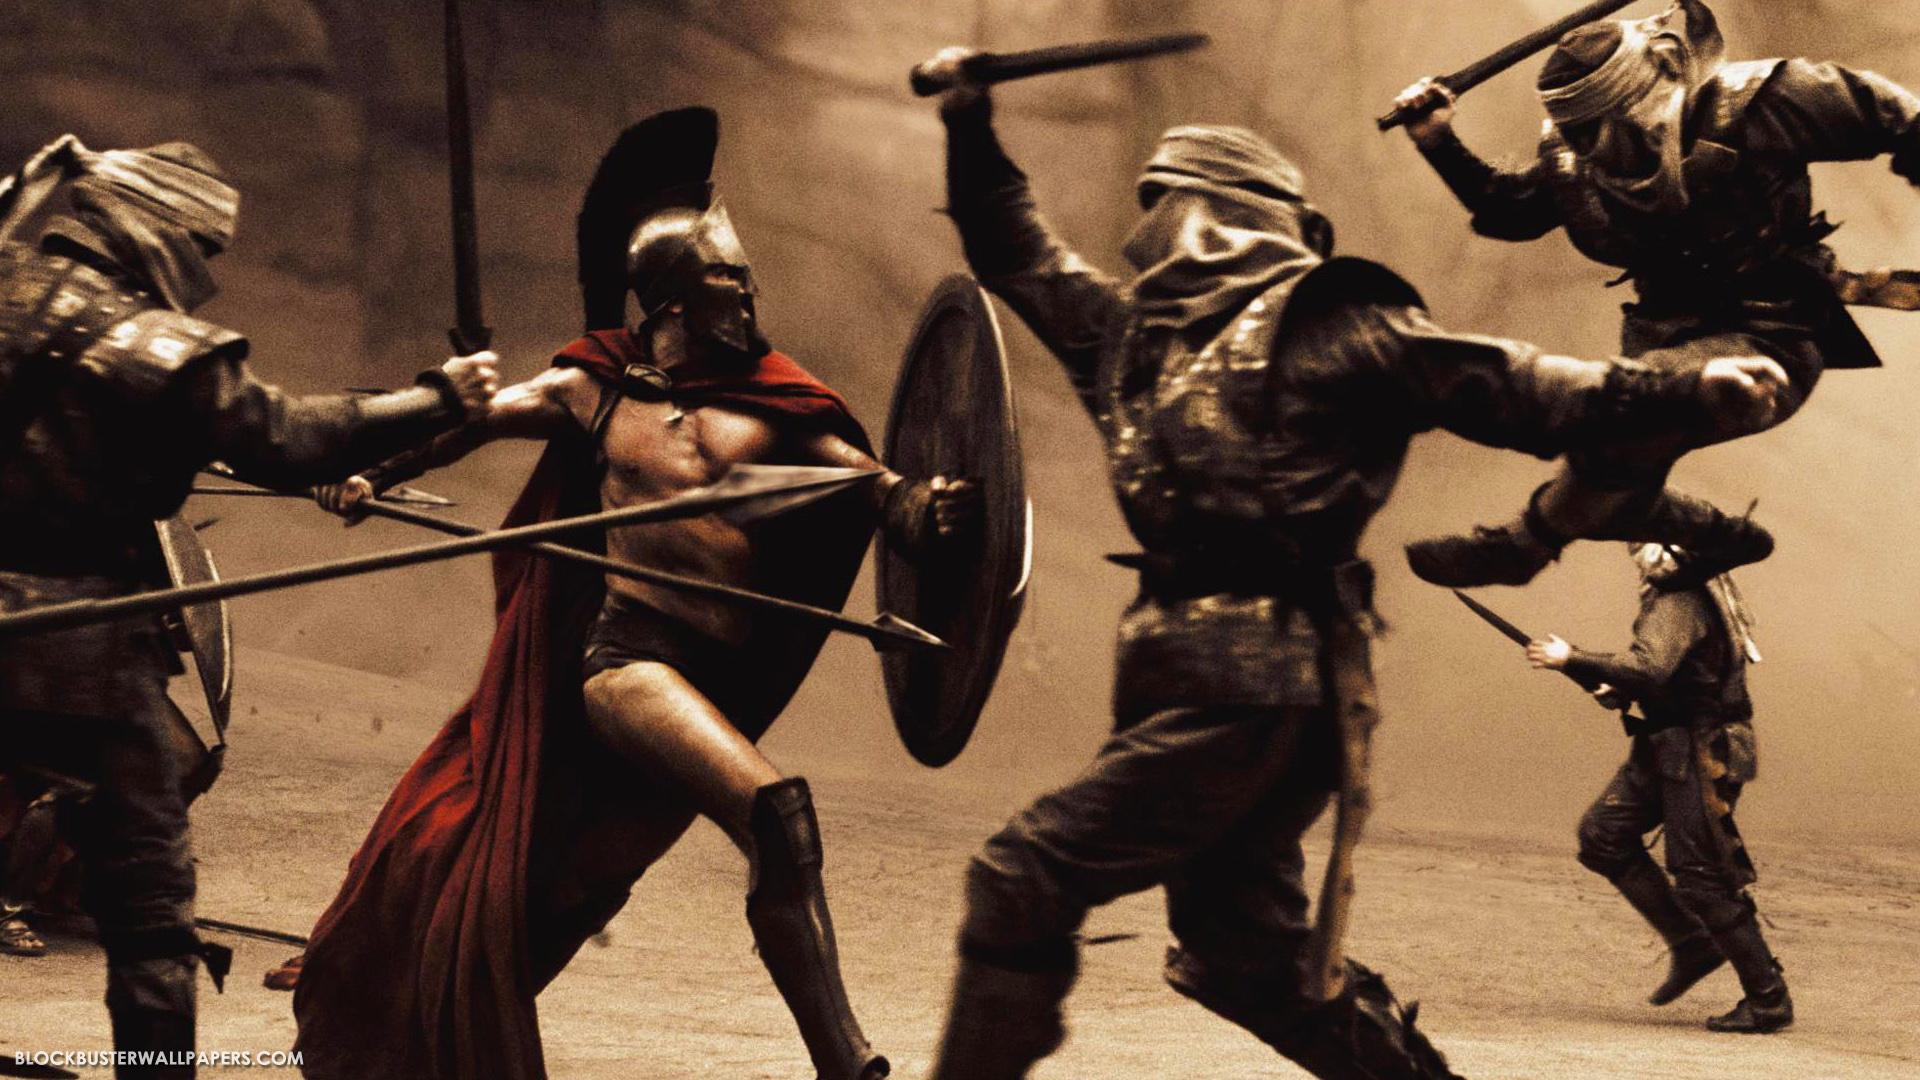 300 Spartans wallpaper | 1680x1050 | #5522